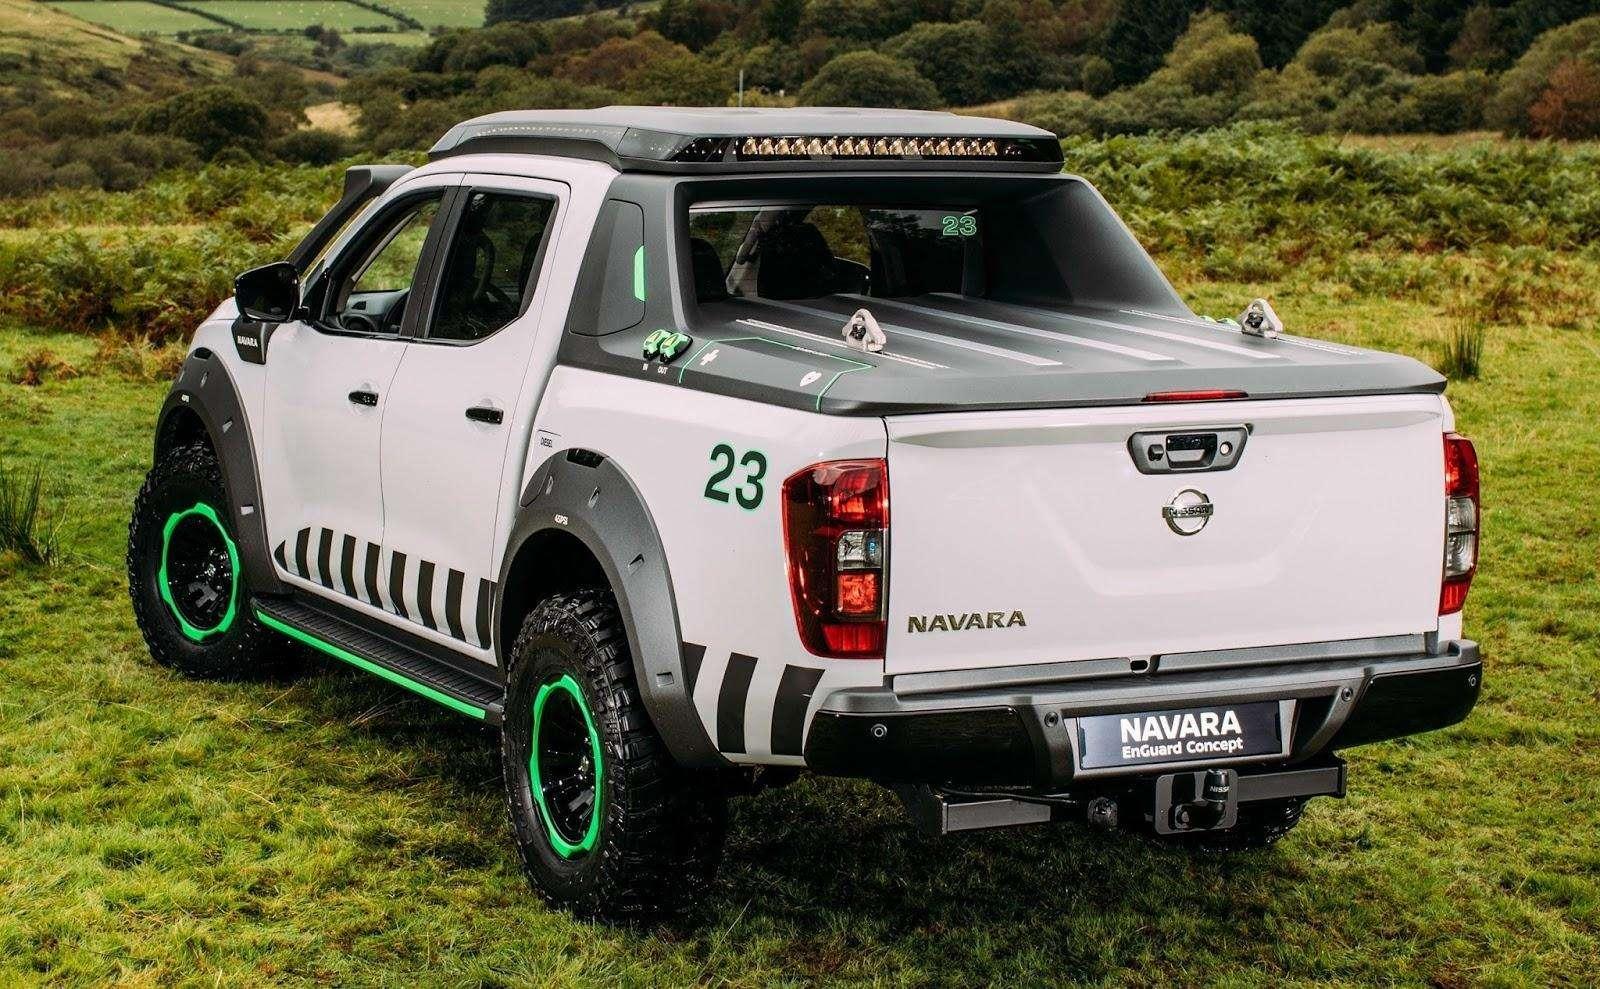 Nissan presenta la nueva Pick Up NP300 Navara EnGuard Concept en el marco del Auto Show de Hannover 2016